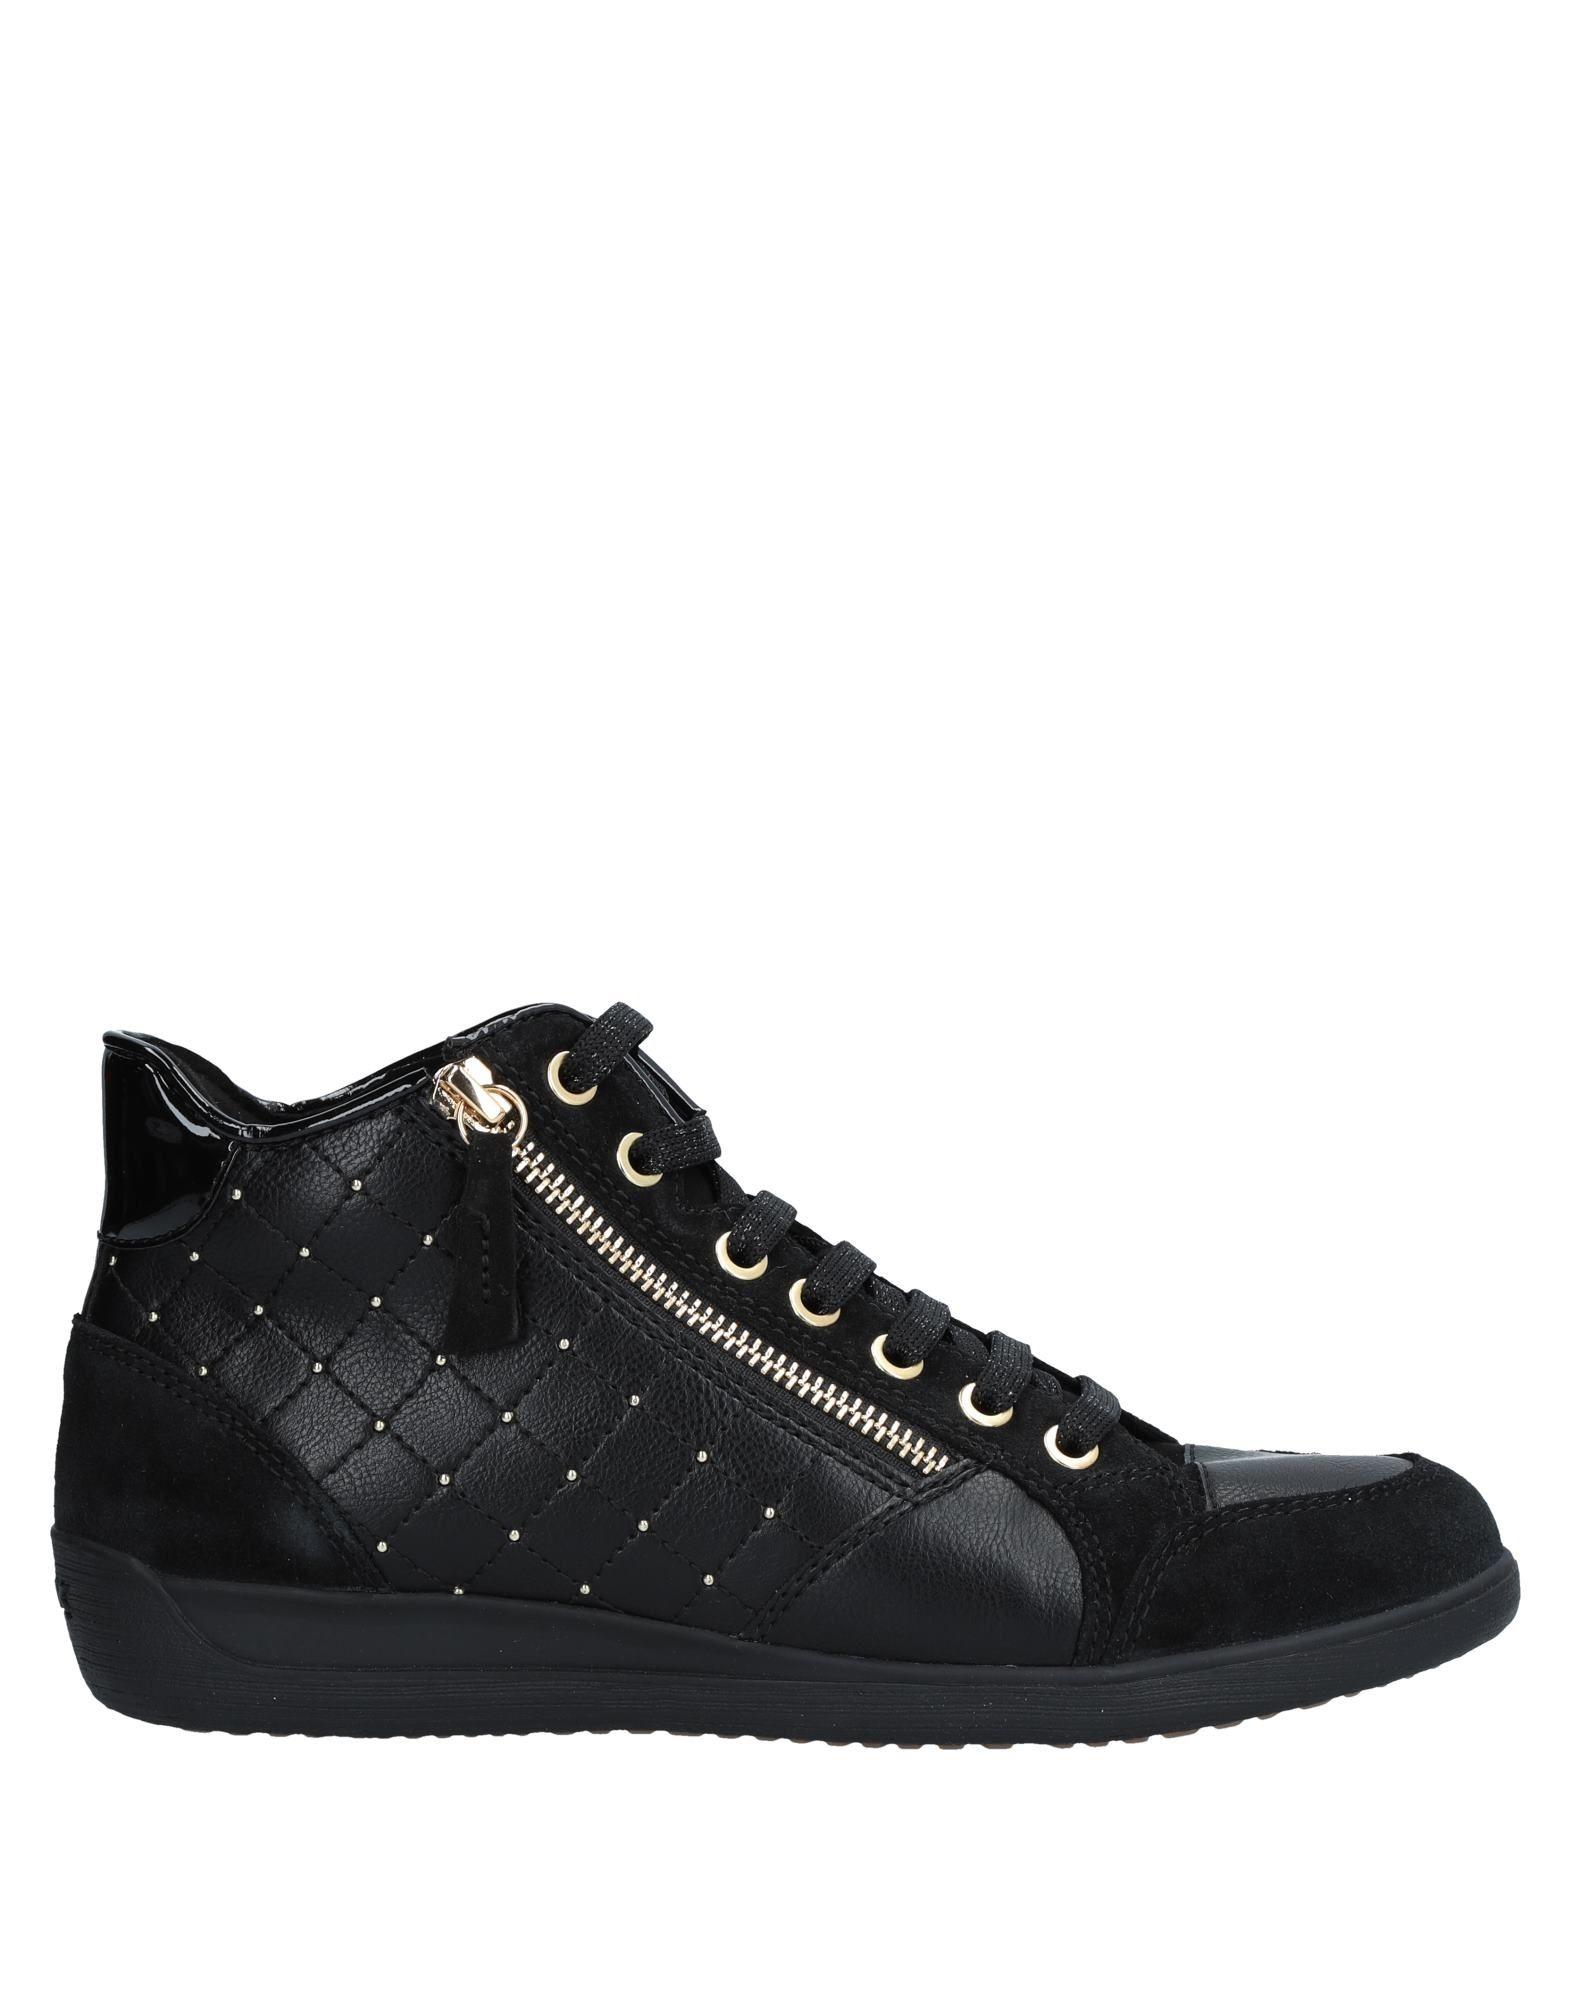 Nuevos zapatos para hombres y Geox mujeres, descuento por tiempo limitado Zapatillas Geox y Mujer - Zapatillas Geox  Negro 23ddc5